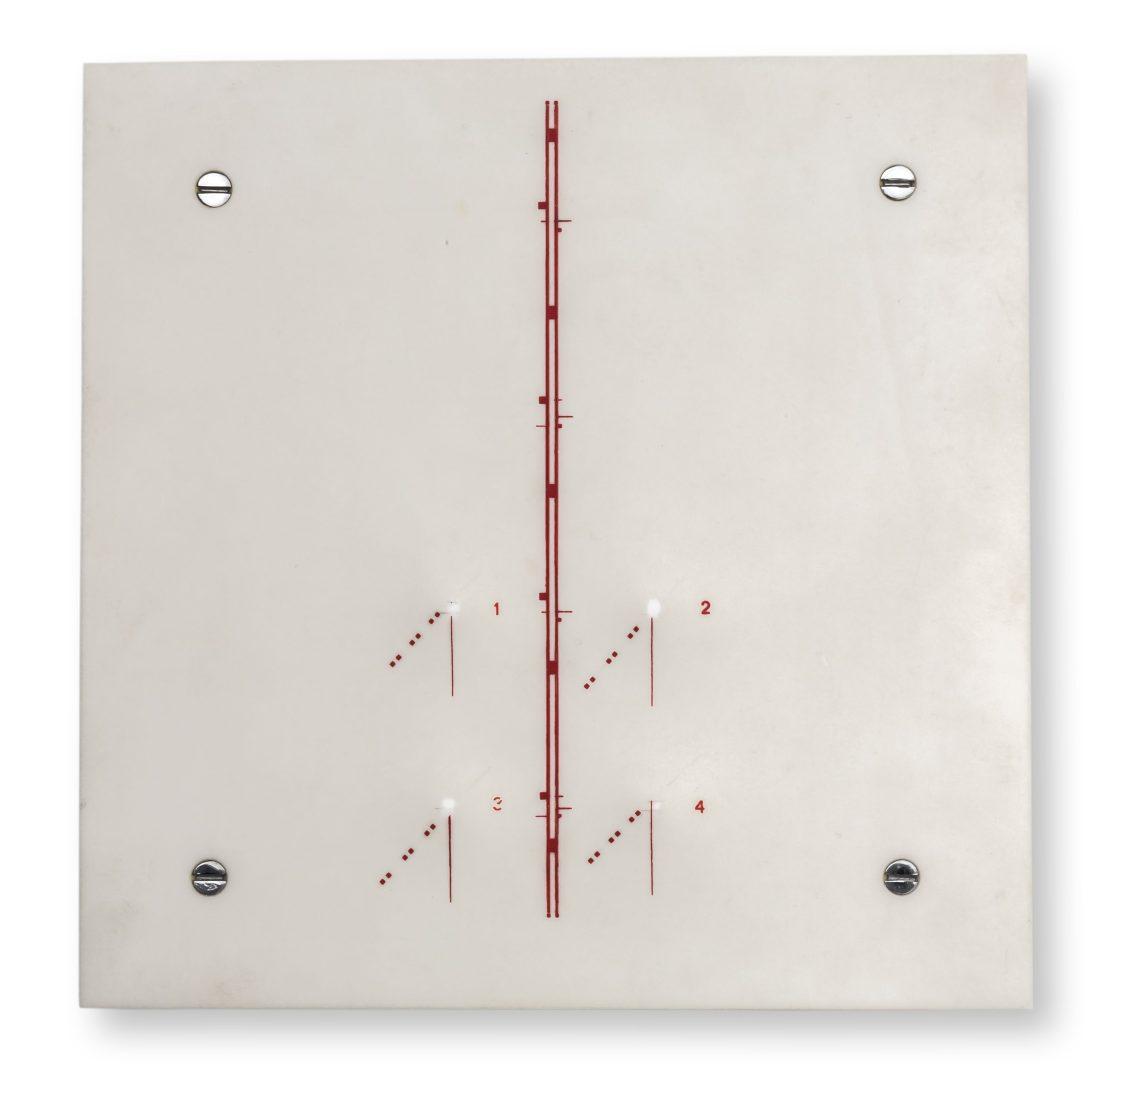 Robert Smit, object, 1970. Collectie Ida Boelen-van Gelder. Fotografie Aldo Smit©